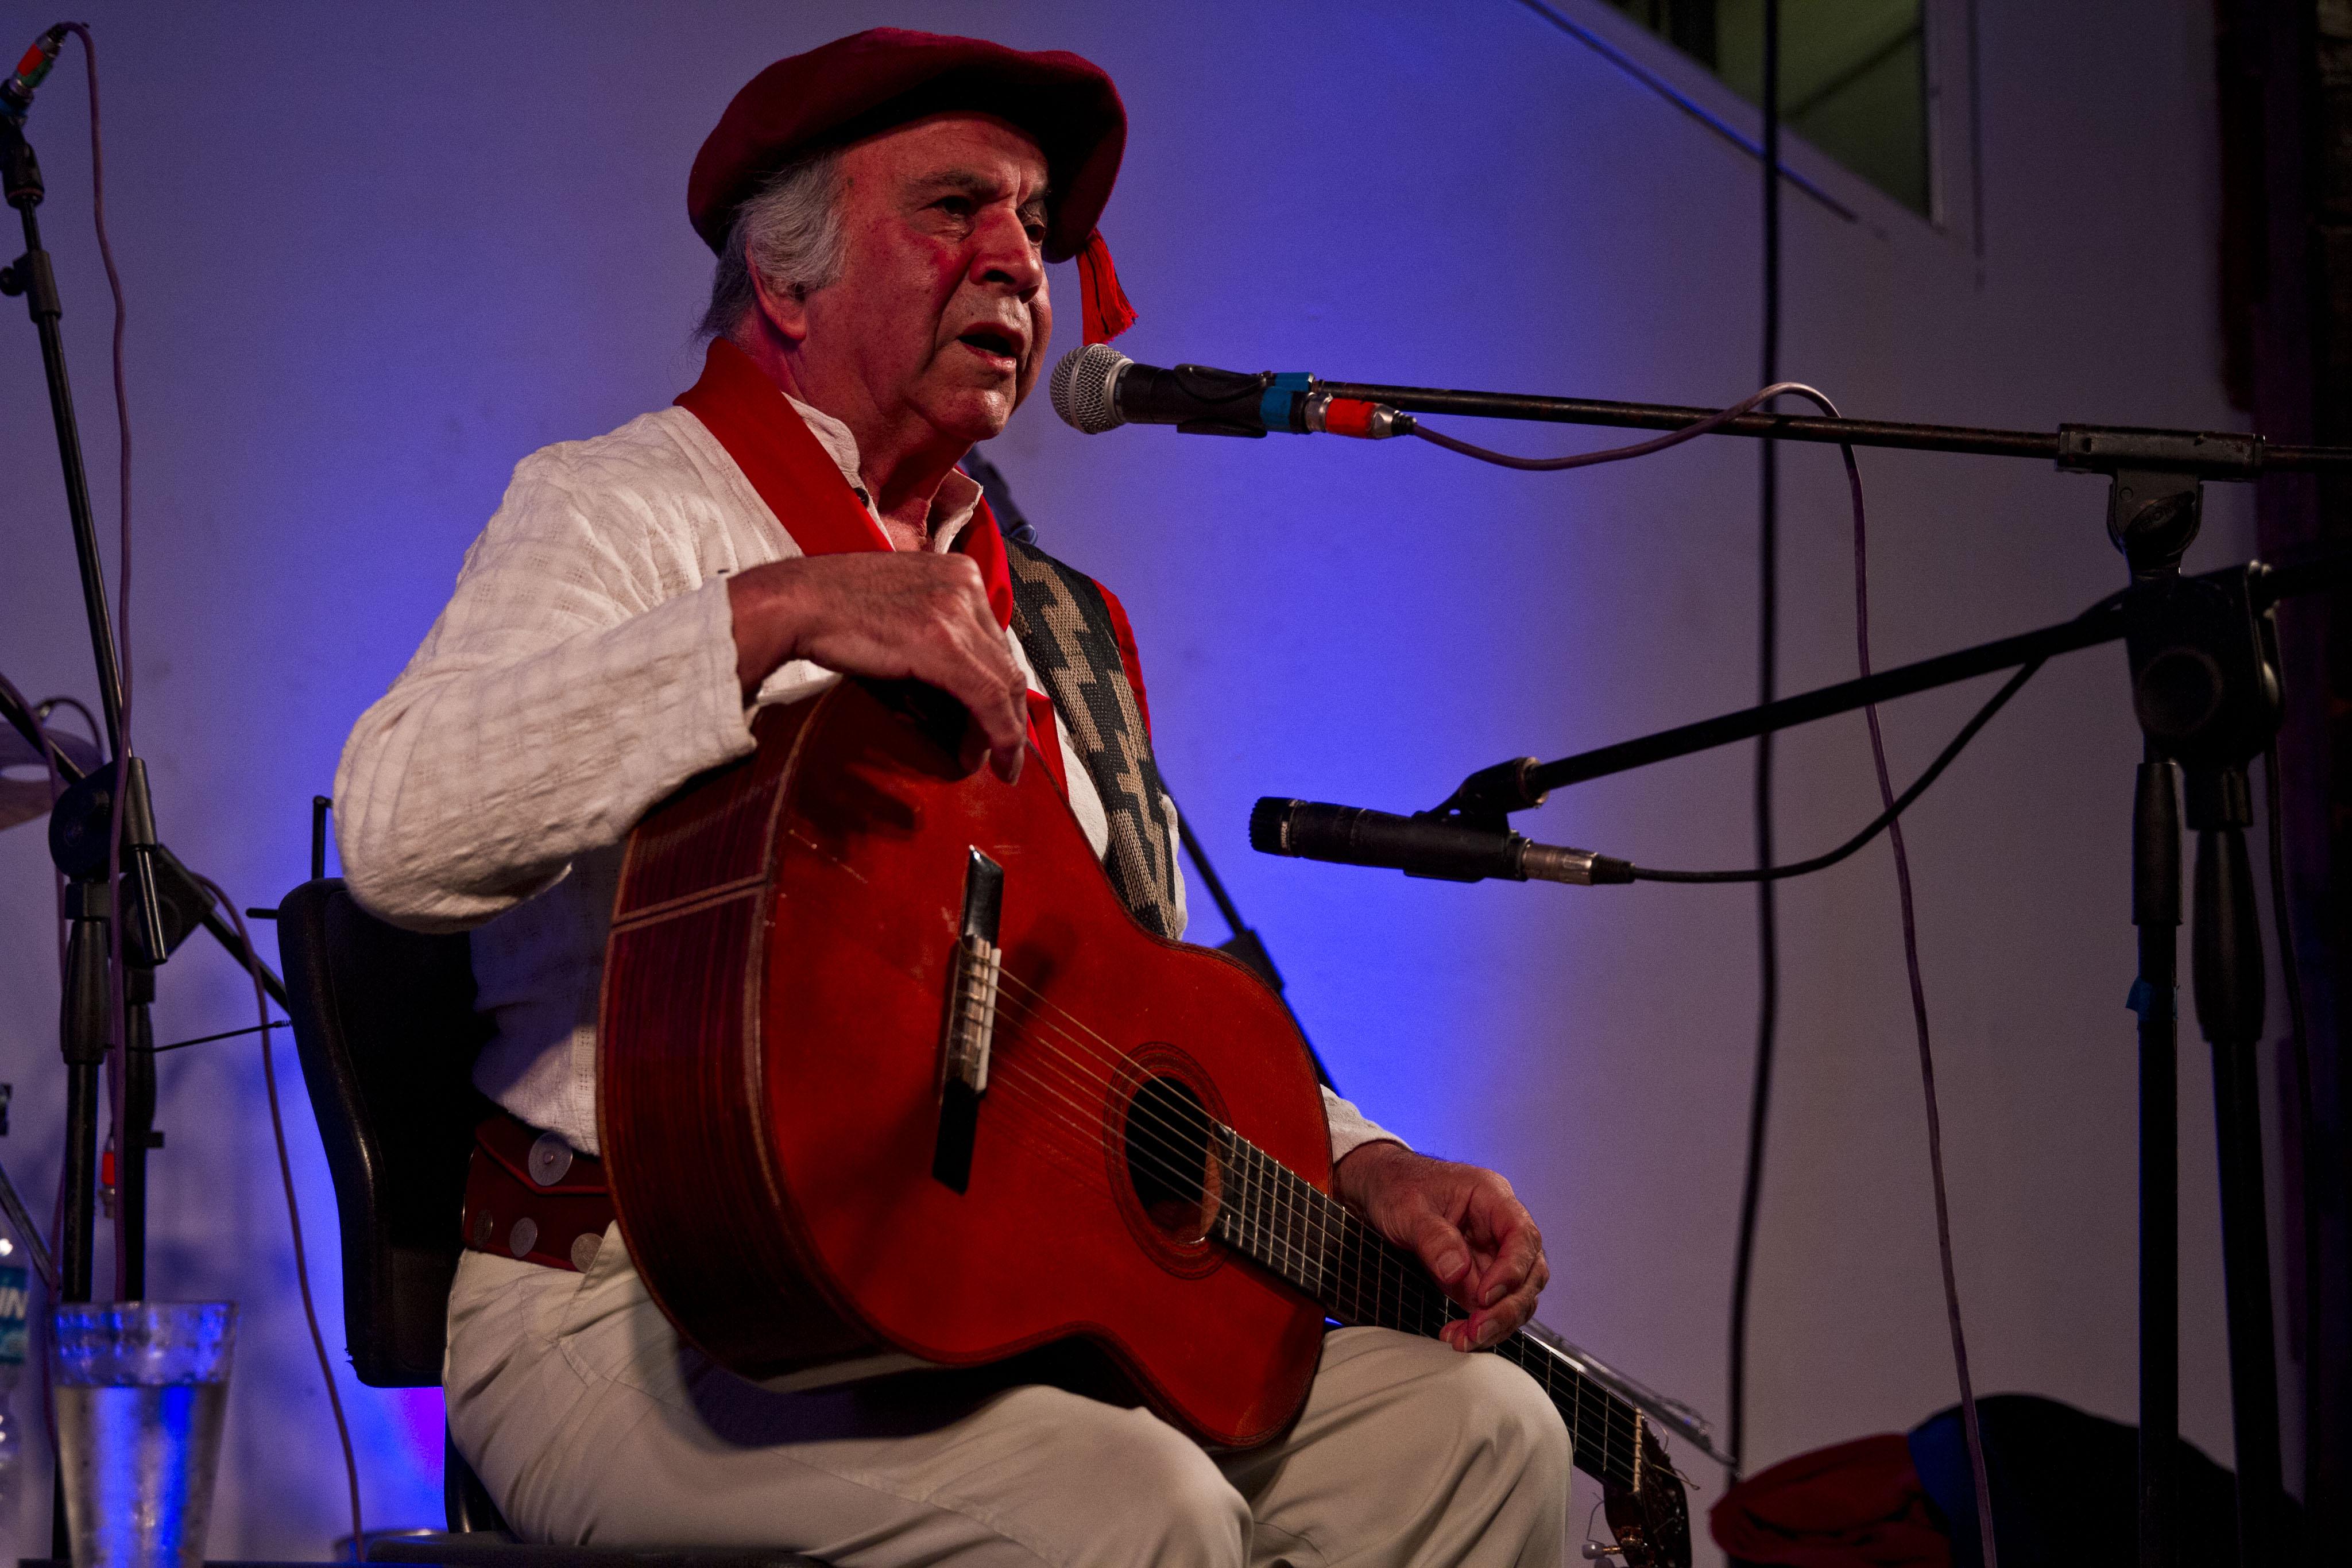 Omar Moreno Palacios en un recital en Huella Argentina (ciudad de La Rioja), en febrero de 2015. Fotografía de Mauro Rico (del Ministerio de Cultura de la Nación).